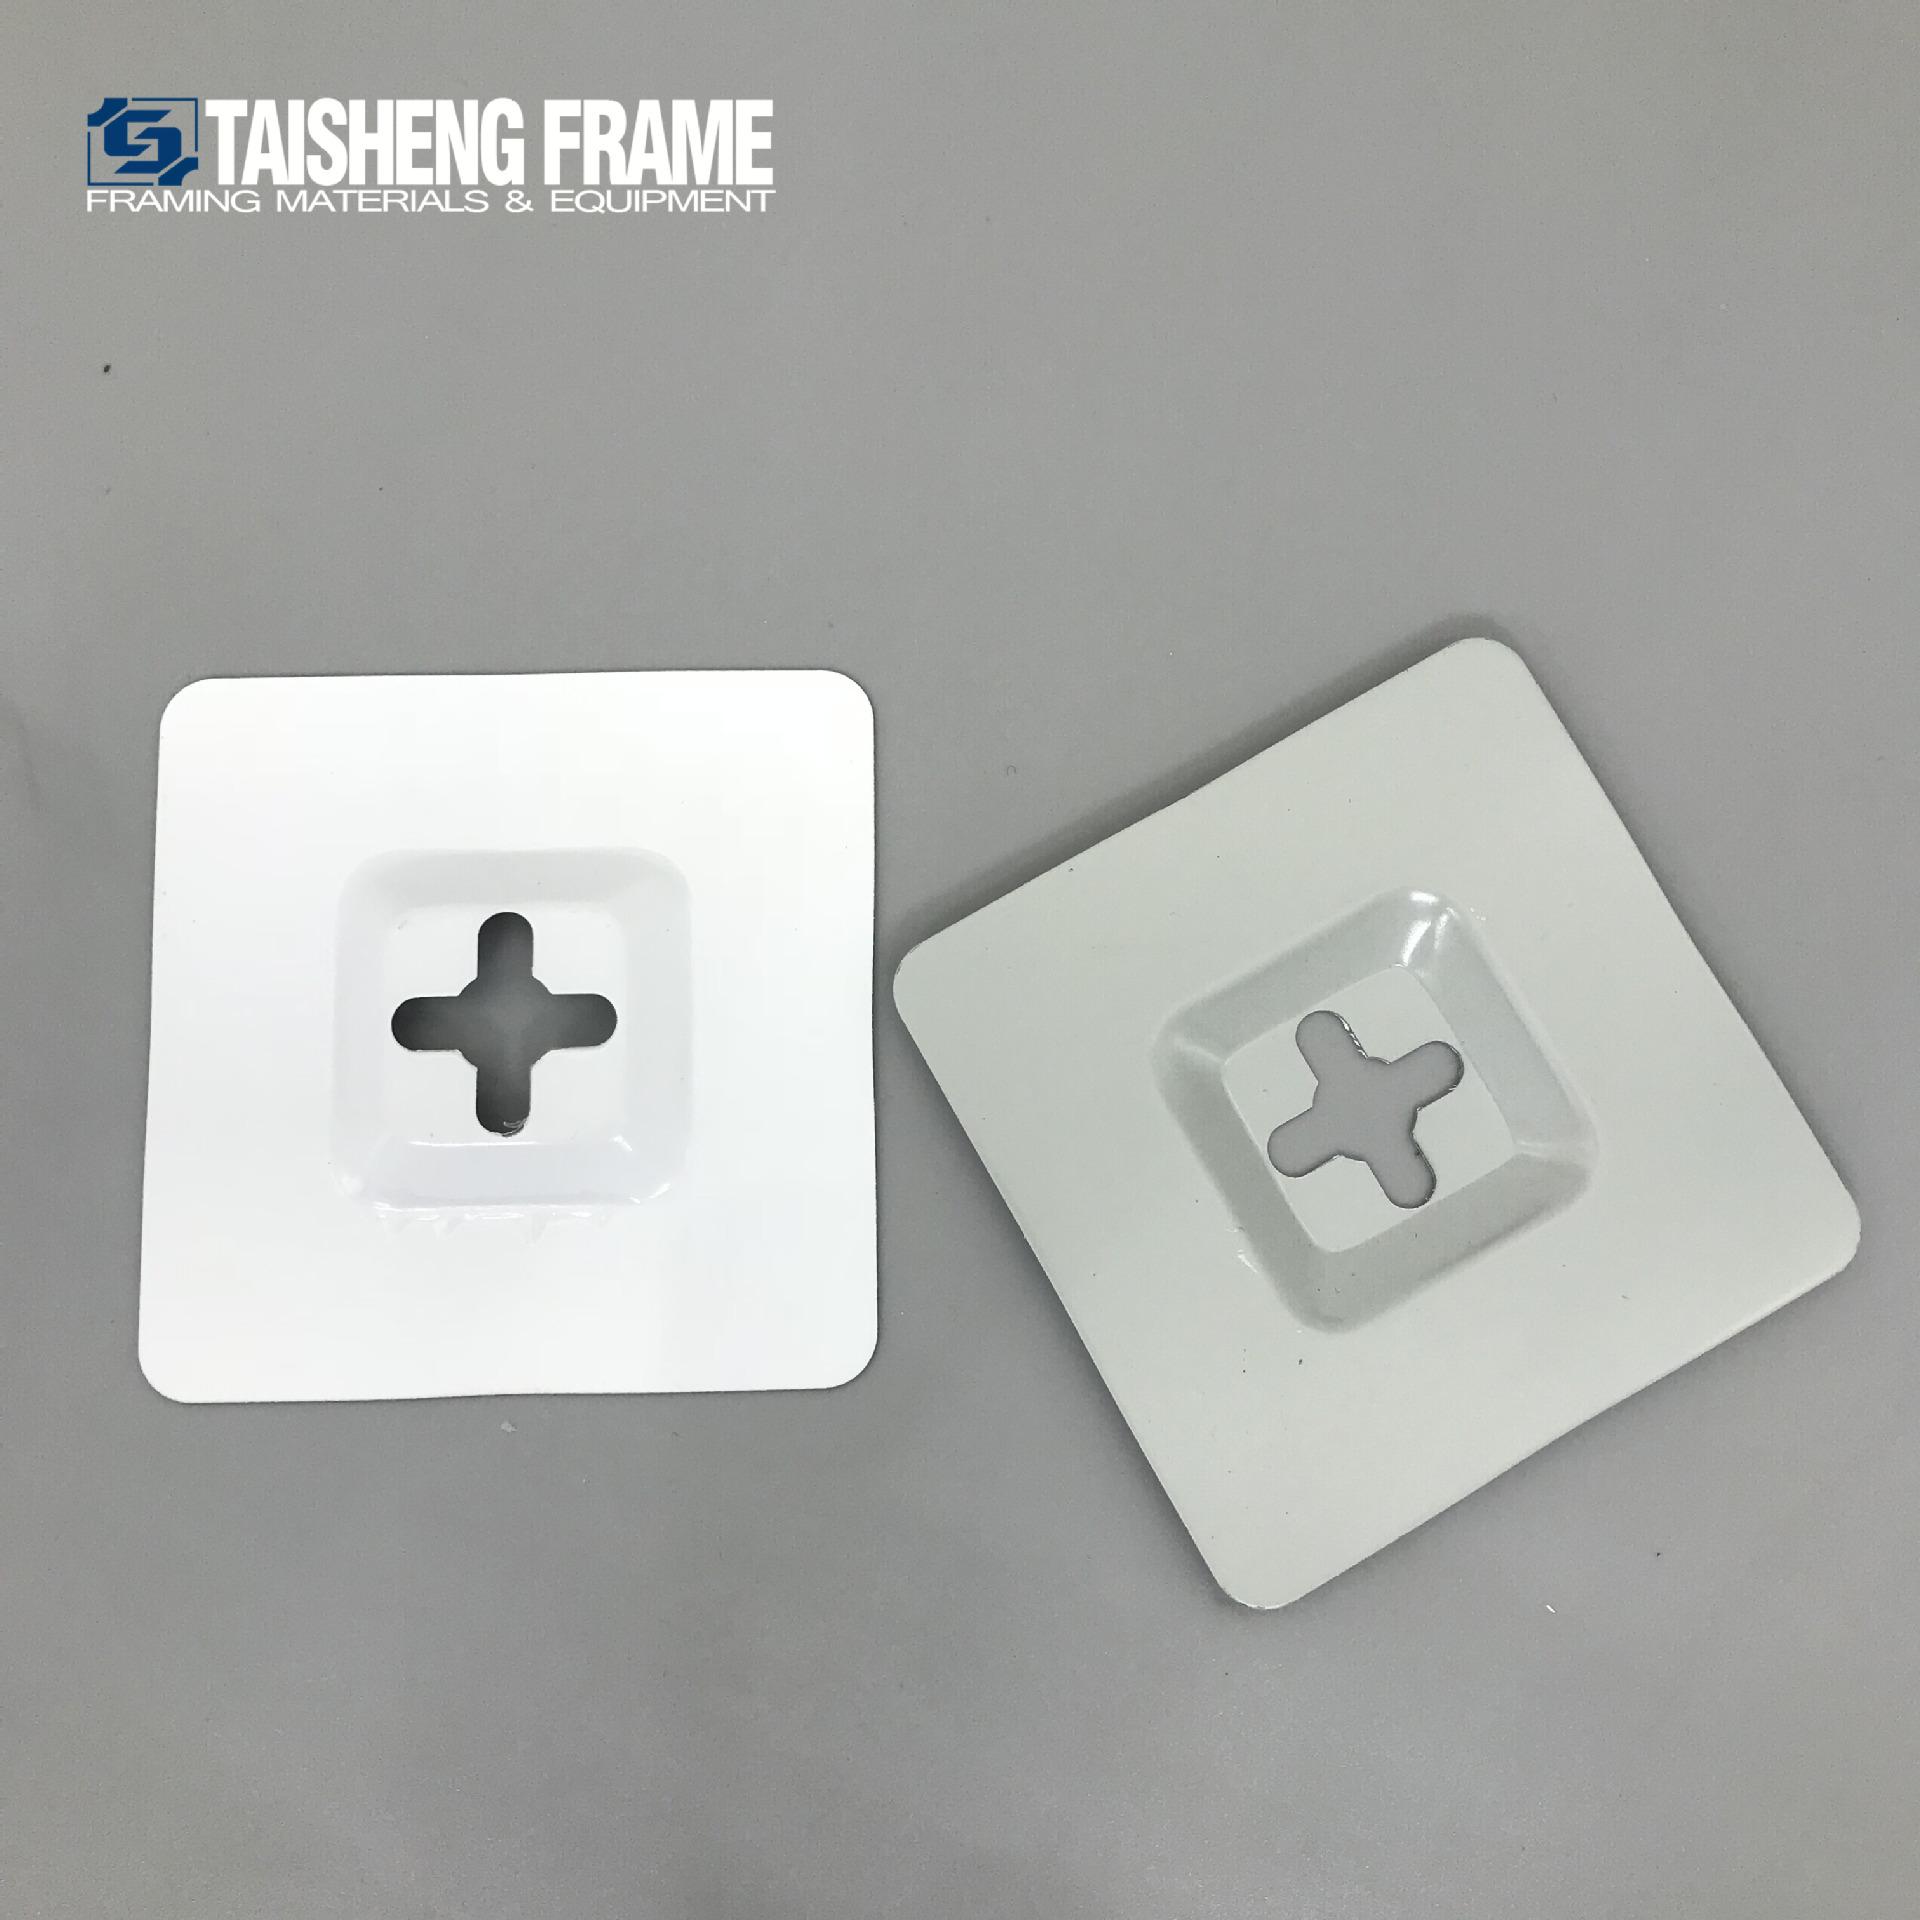 泰圣相框配件 TS-K264 五金相框配件泰圣方形玻璃刮67x67mm